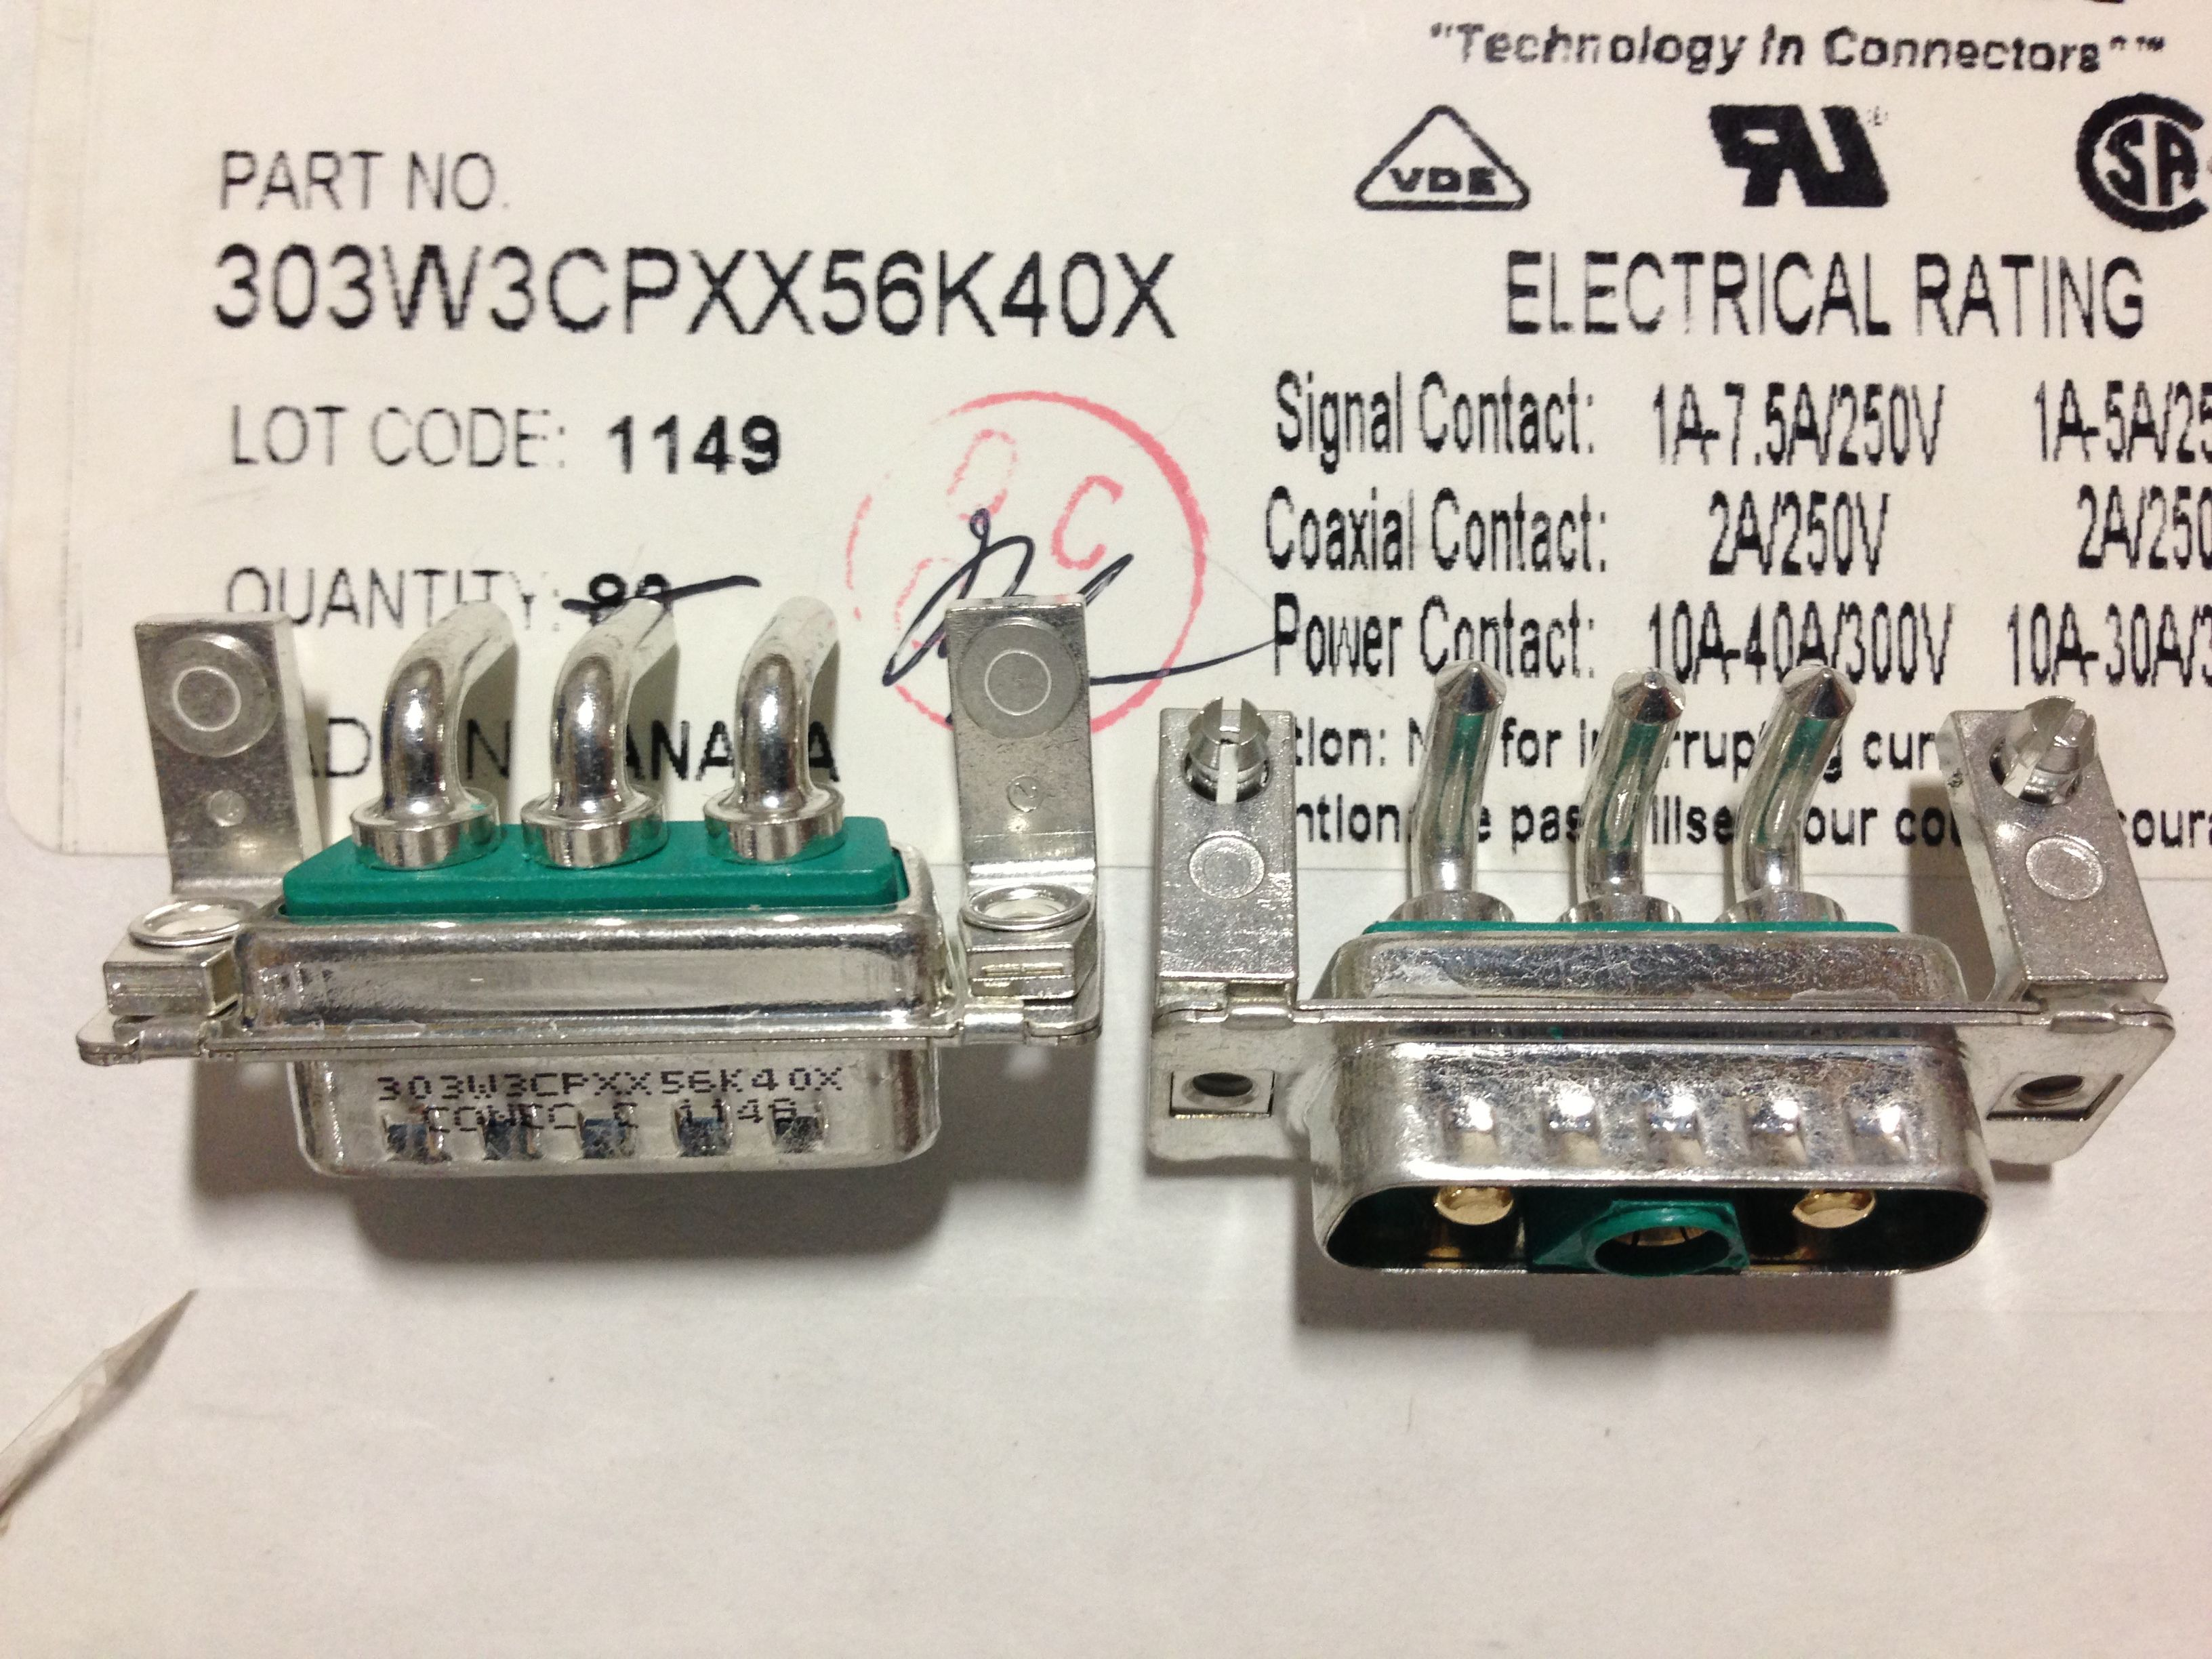 CONEC - 303W3CPXX56K40X